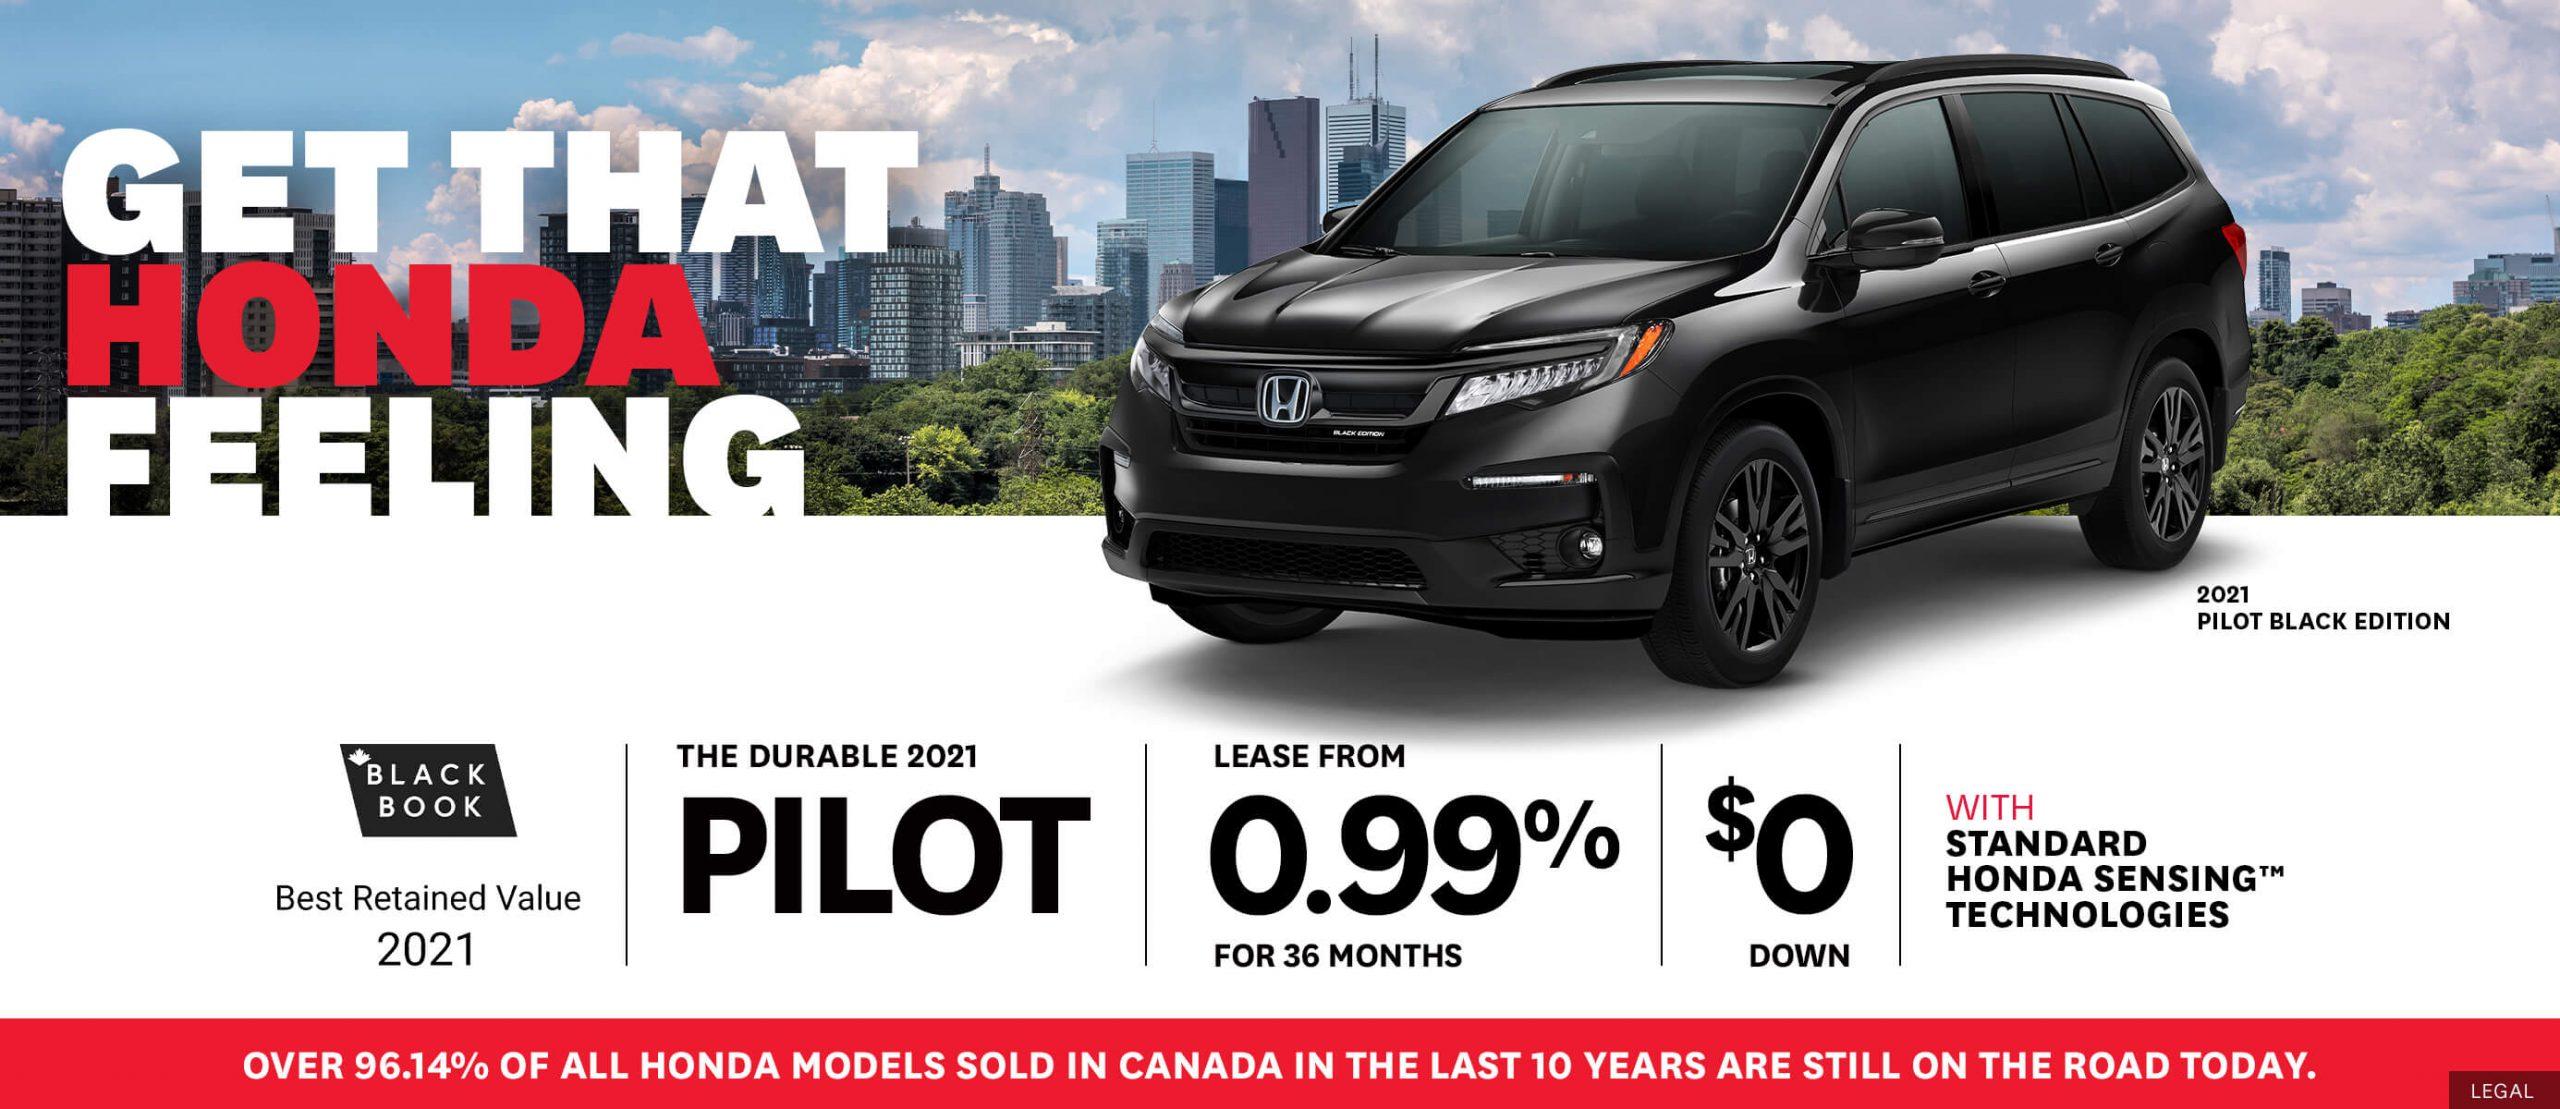 Honda Pilot Deals!